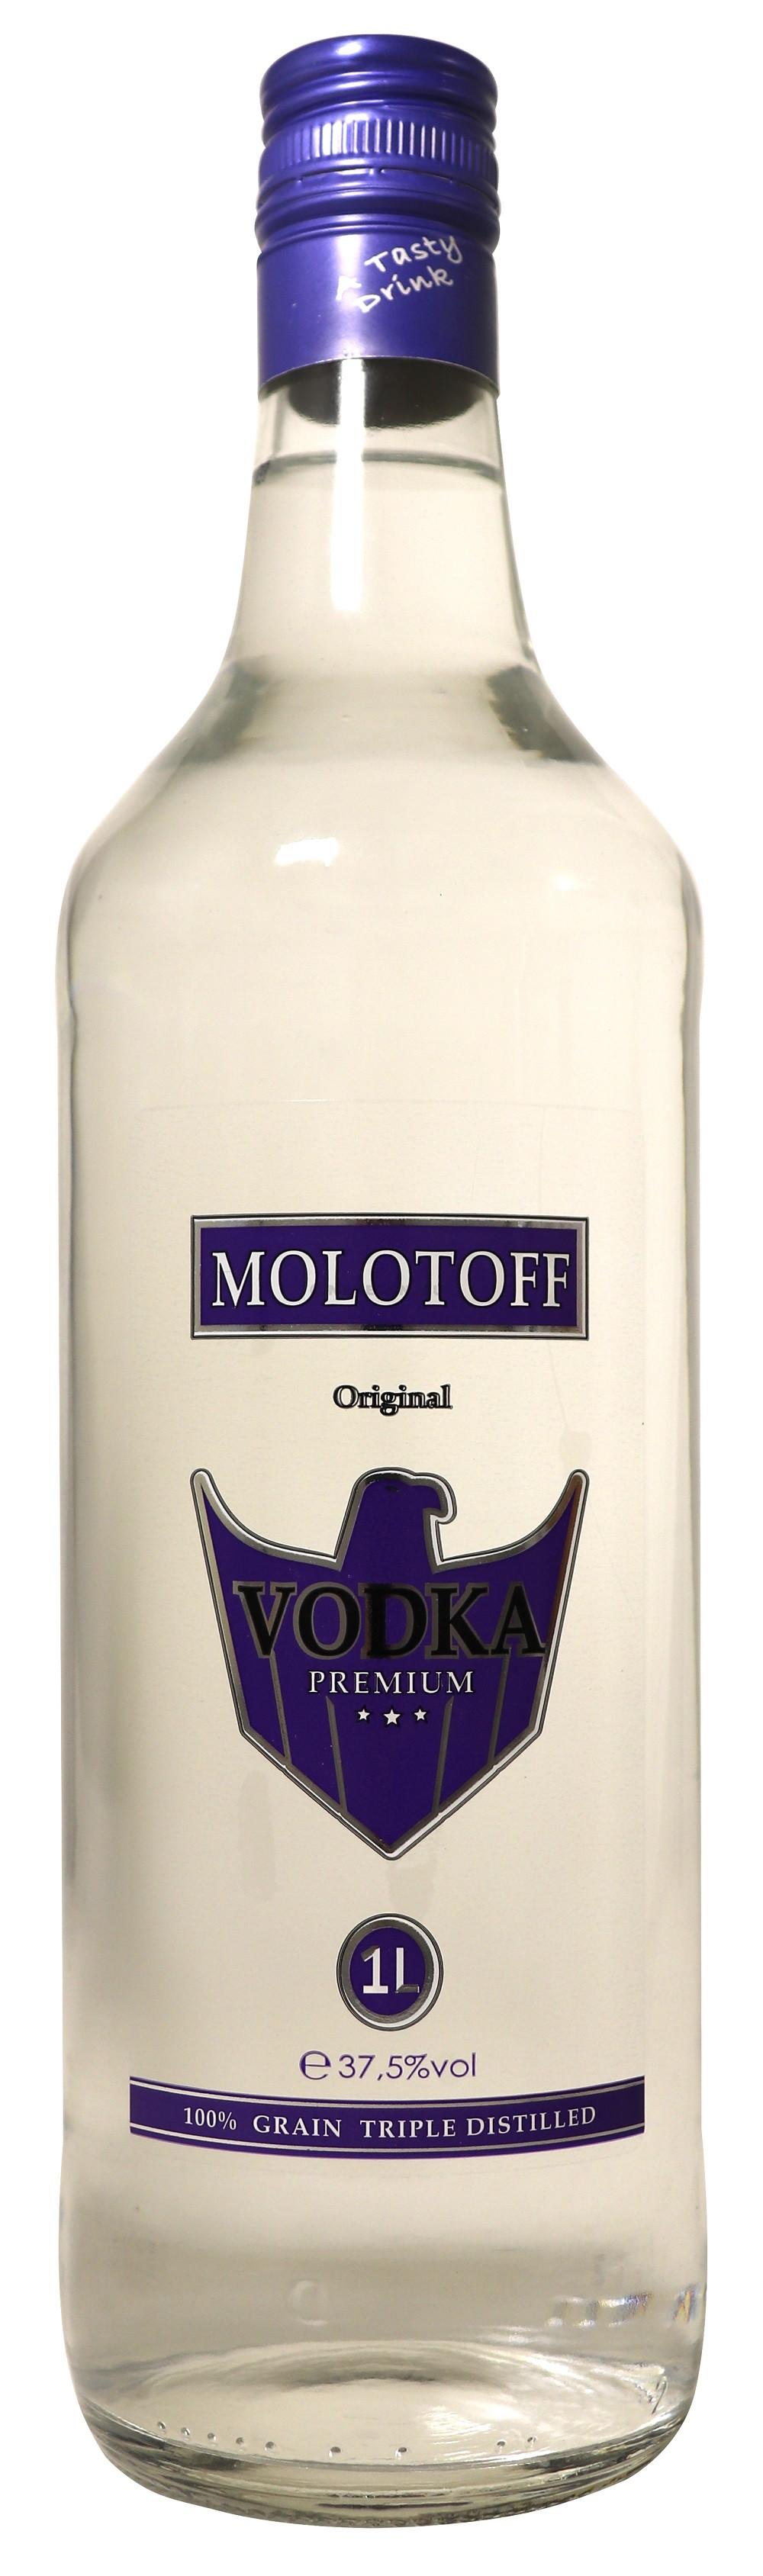 Vodka Molotoff 1L 37.5%